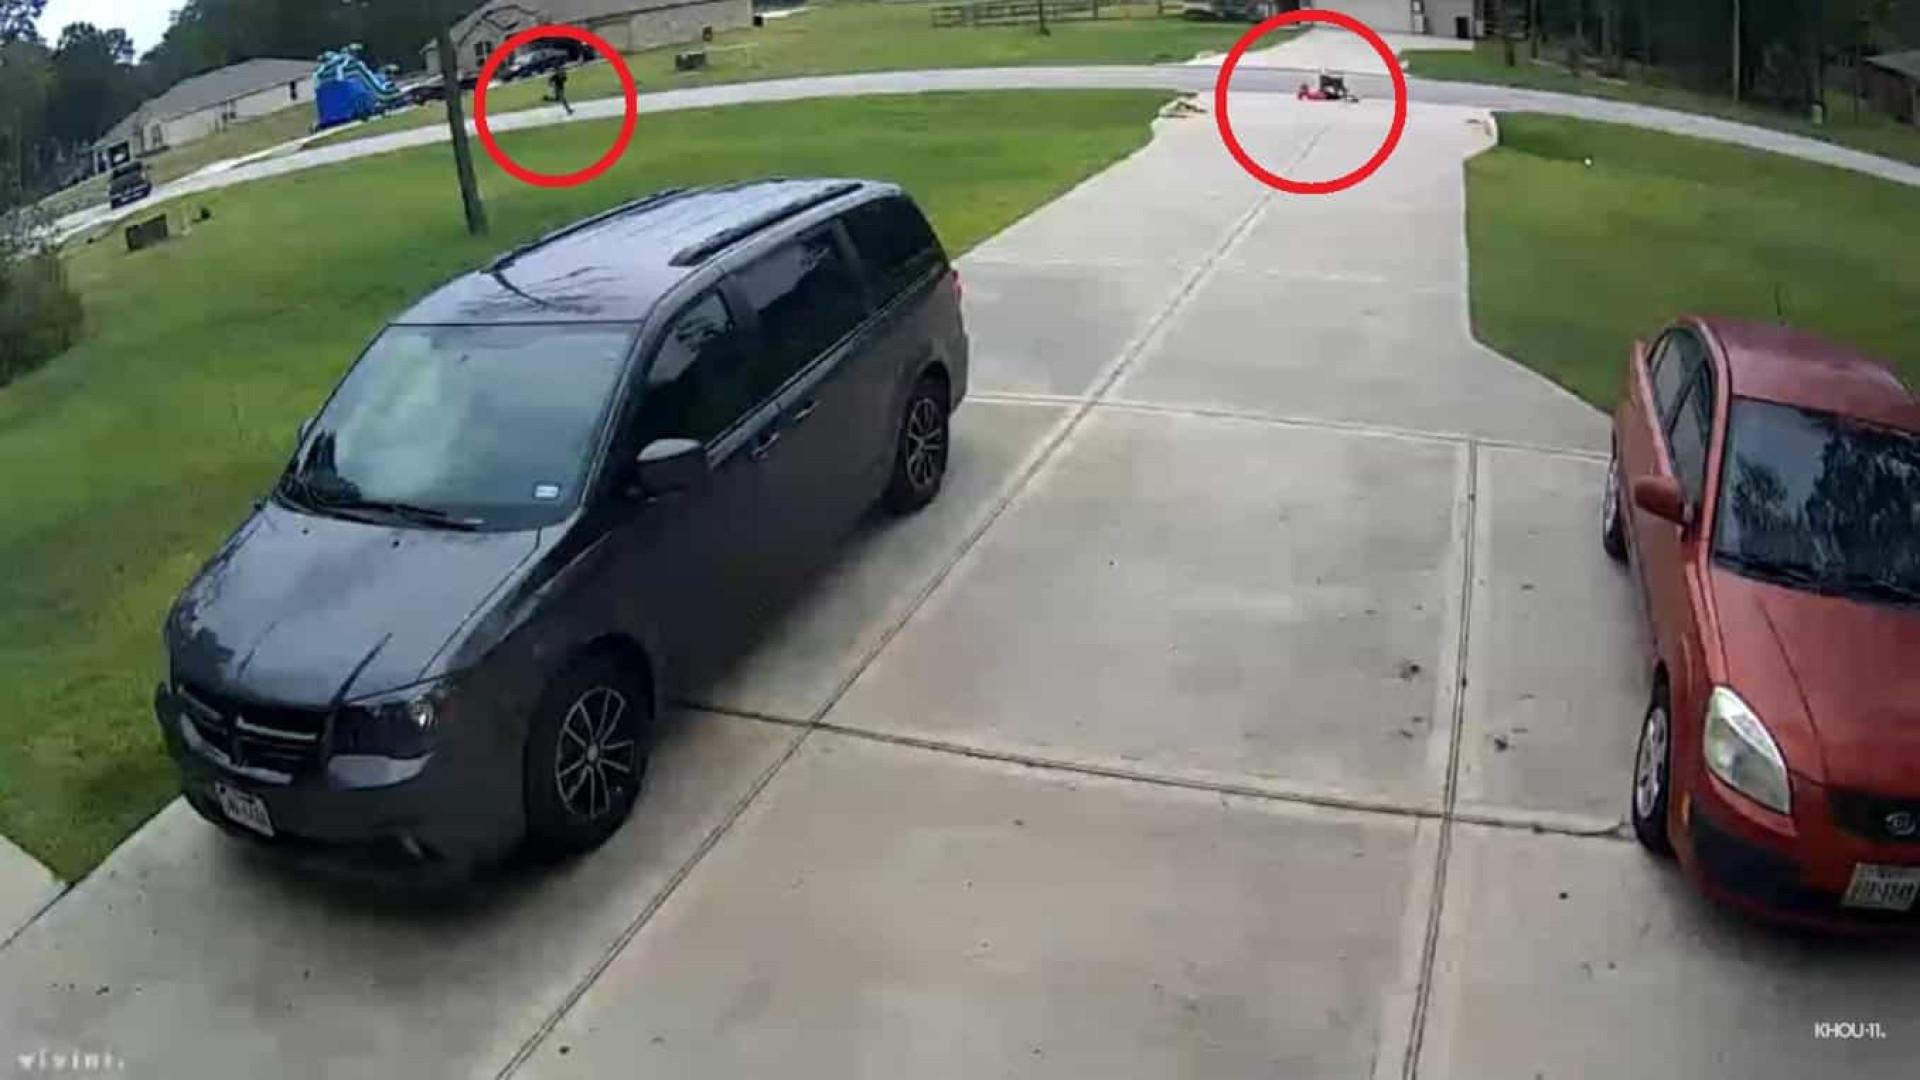 Jovem salva vizinho de 6 anos de ataque de pitbull em ato heróico